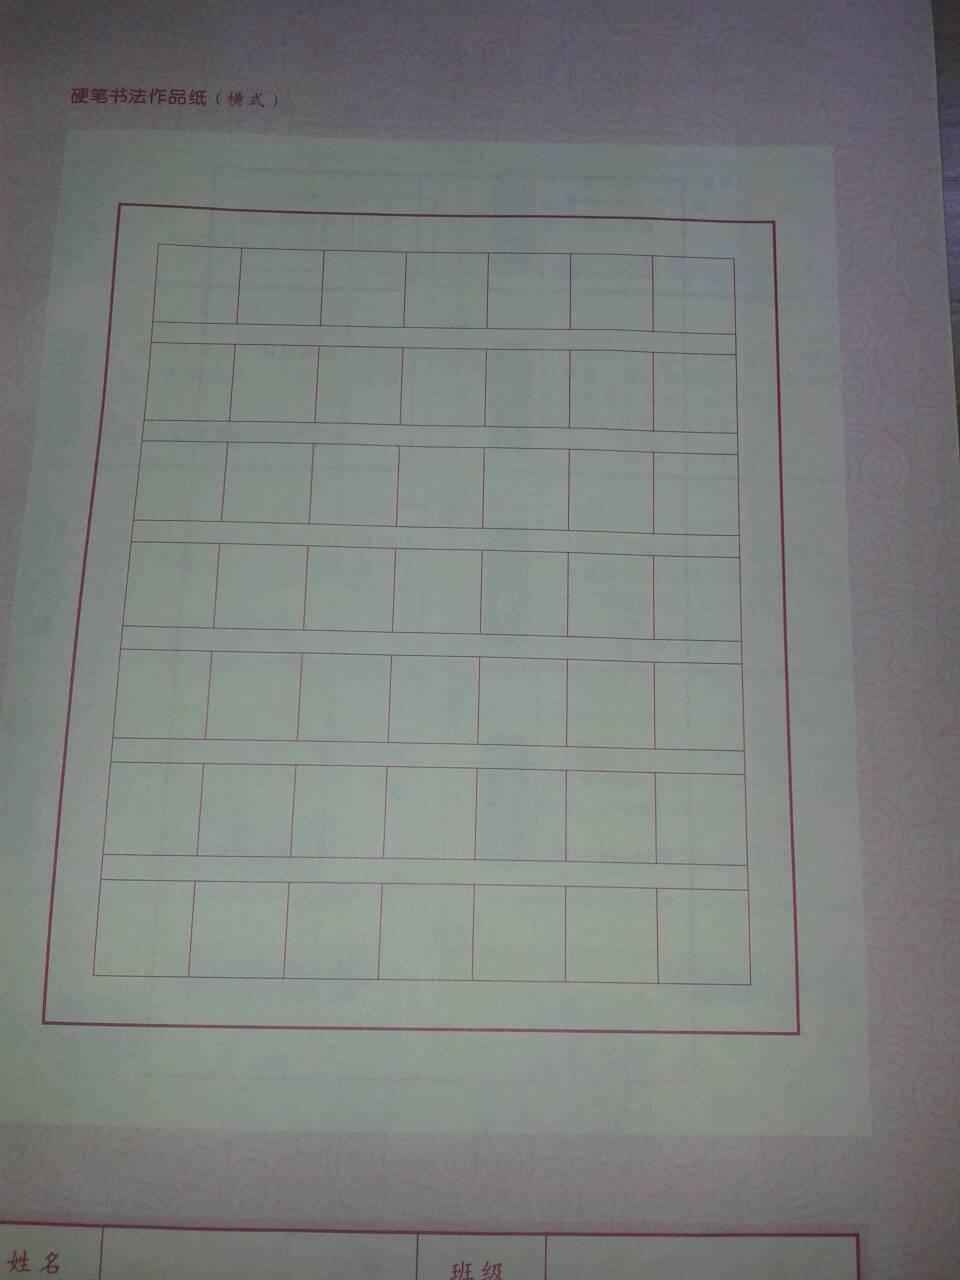 钢笔书法落款-这个硬笔书法的格式怎么写图片